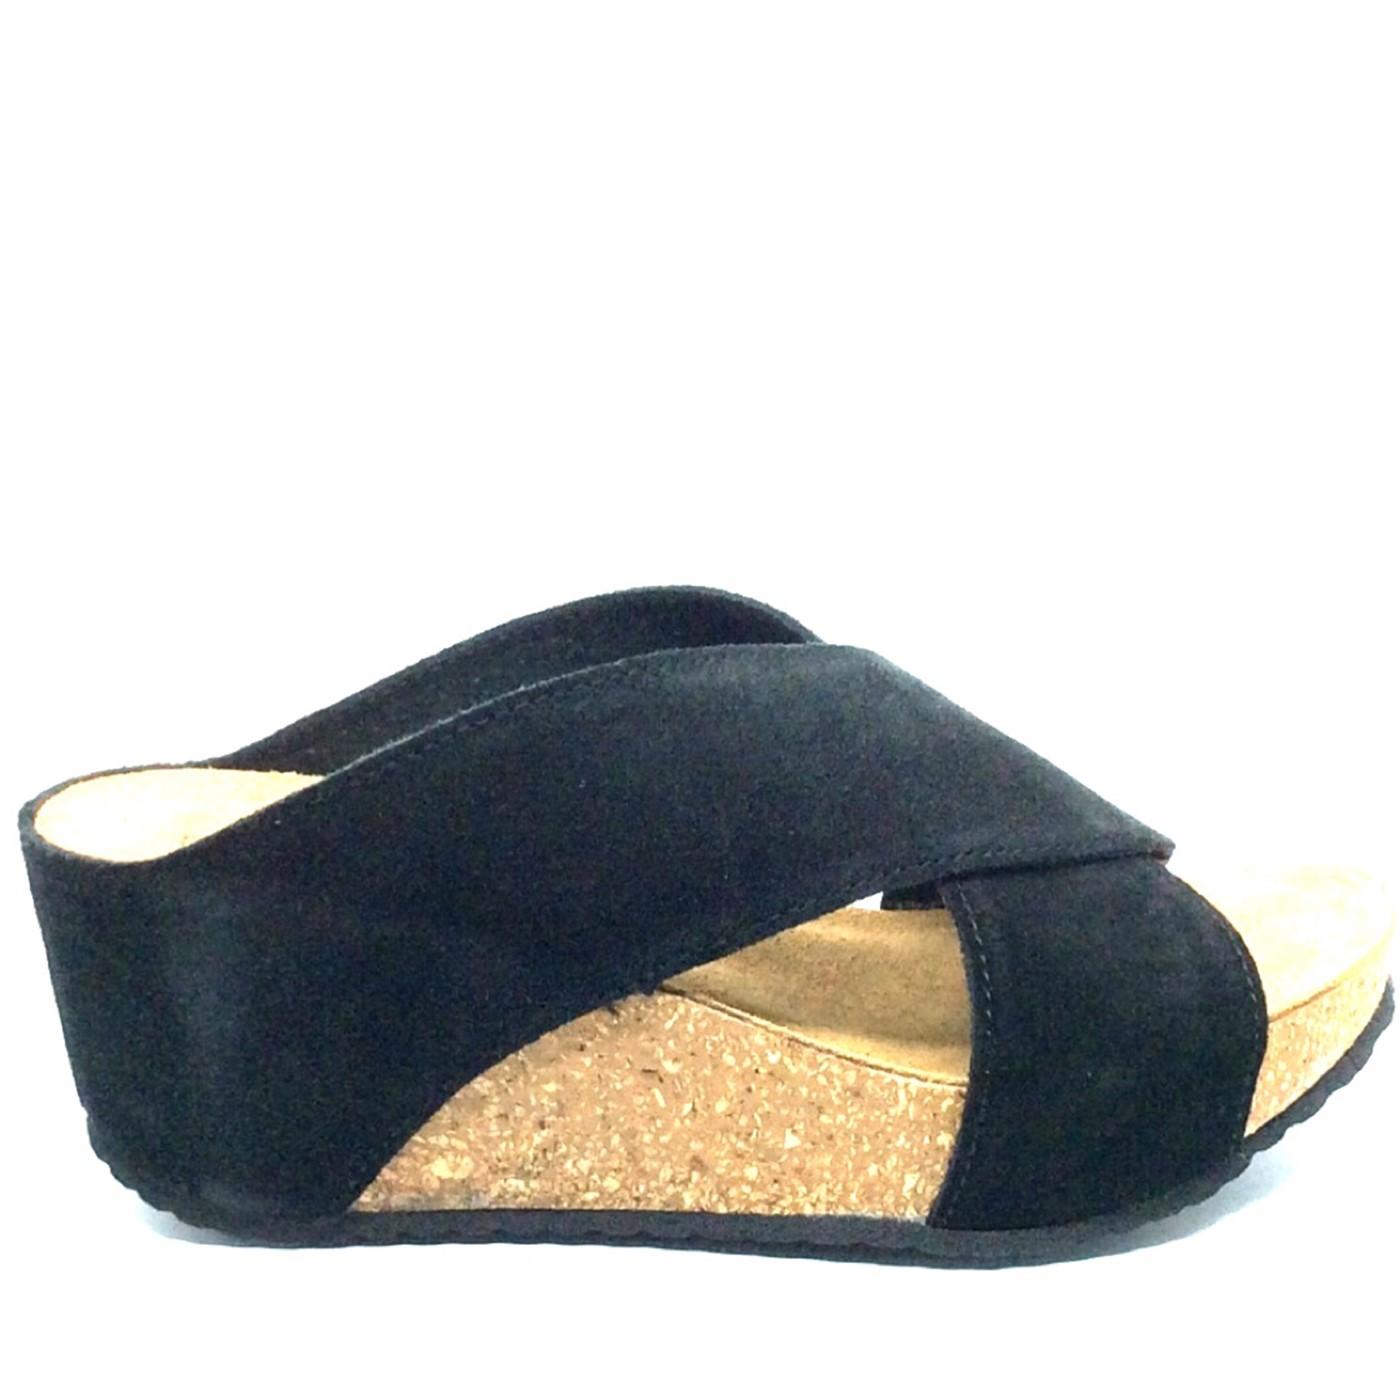 cf0ceb50ee75 Copenhagen shoes 2016 frances (19-cs1799) sort